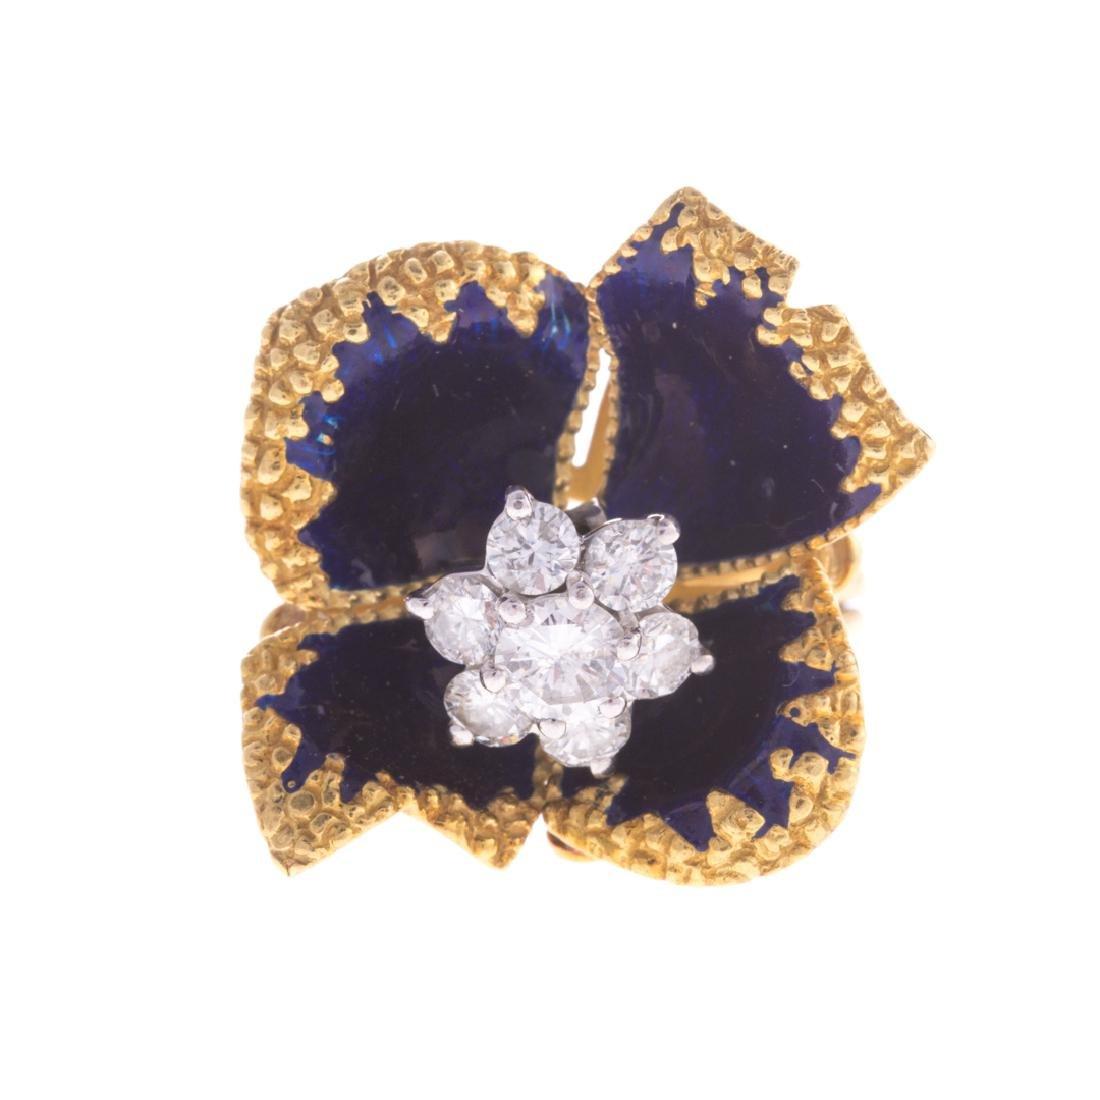 A Lady's Blue Enamel & Diamond Flower Ring in 18K